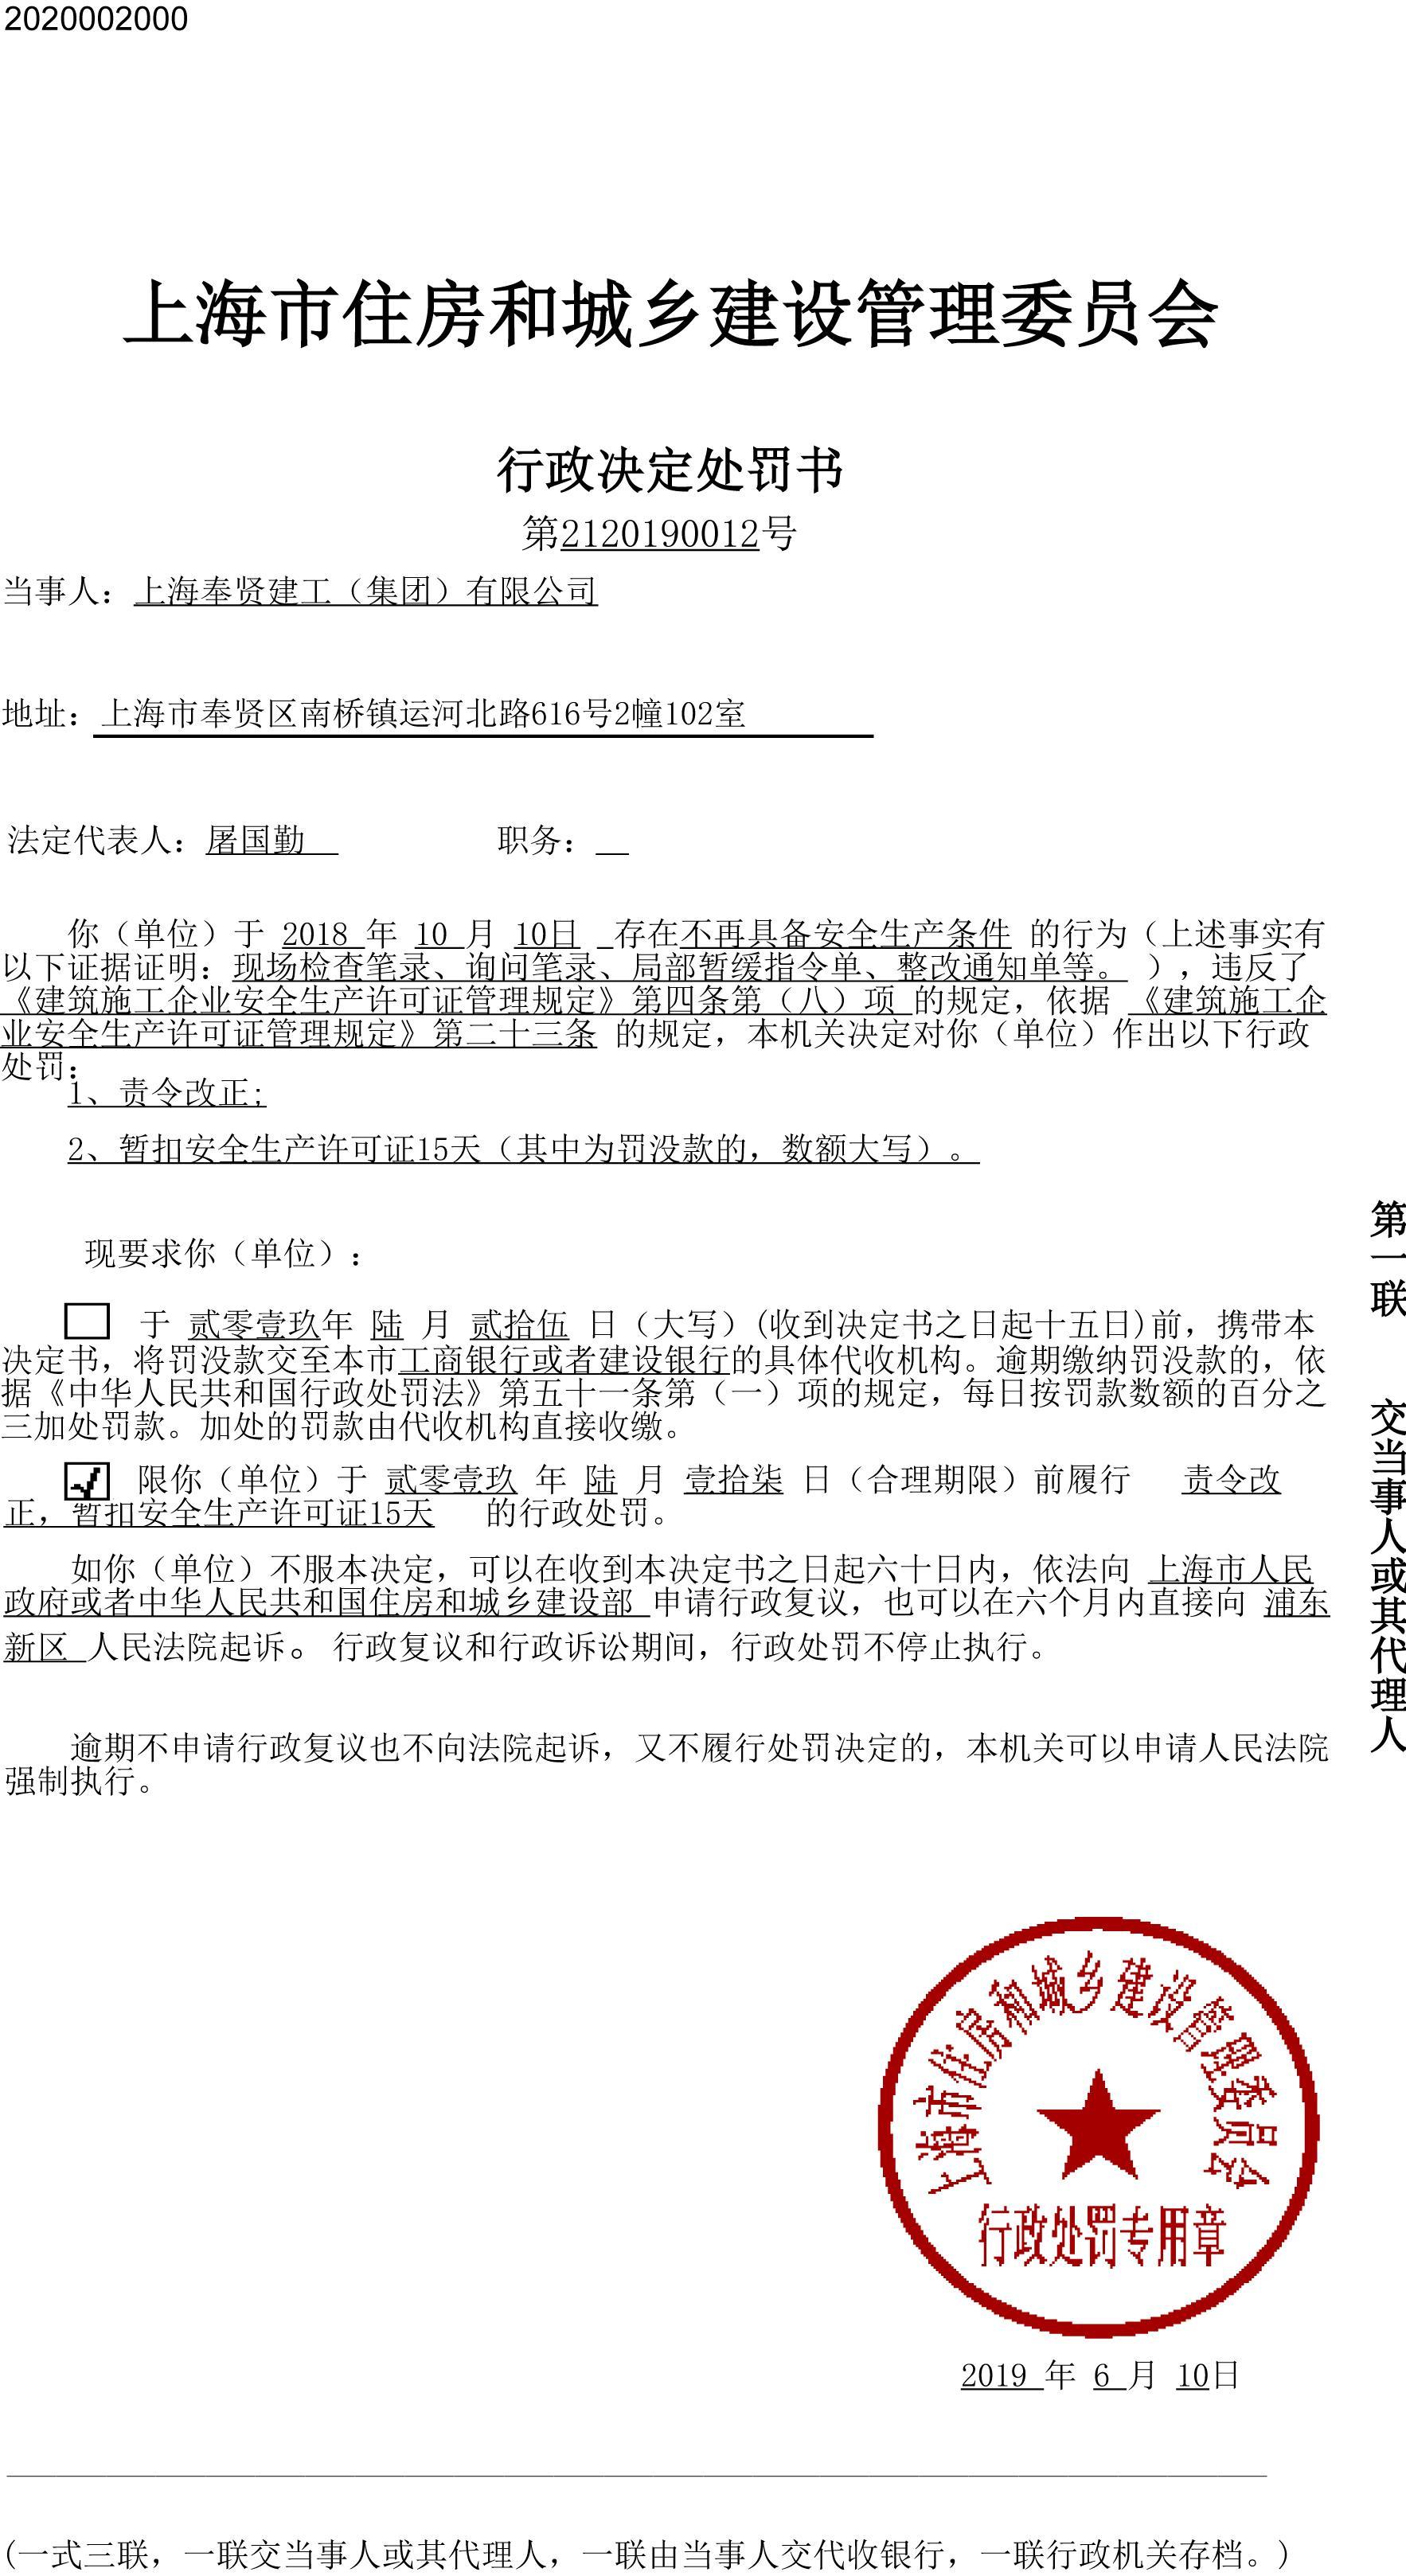 上海奉贤建工(集团)有限公司违反安全生产相关规定被暂扣安全生产许可证